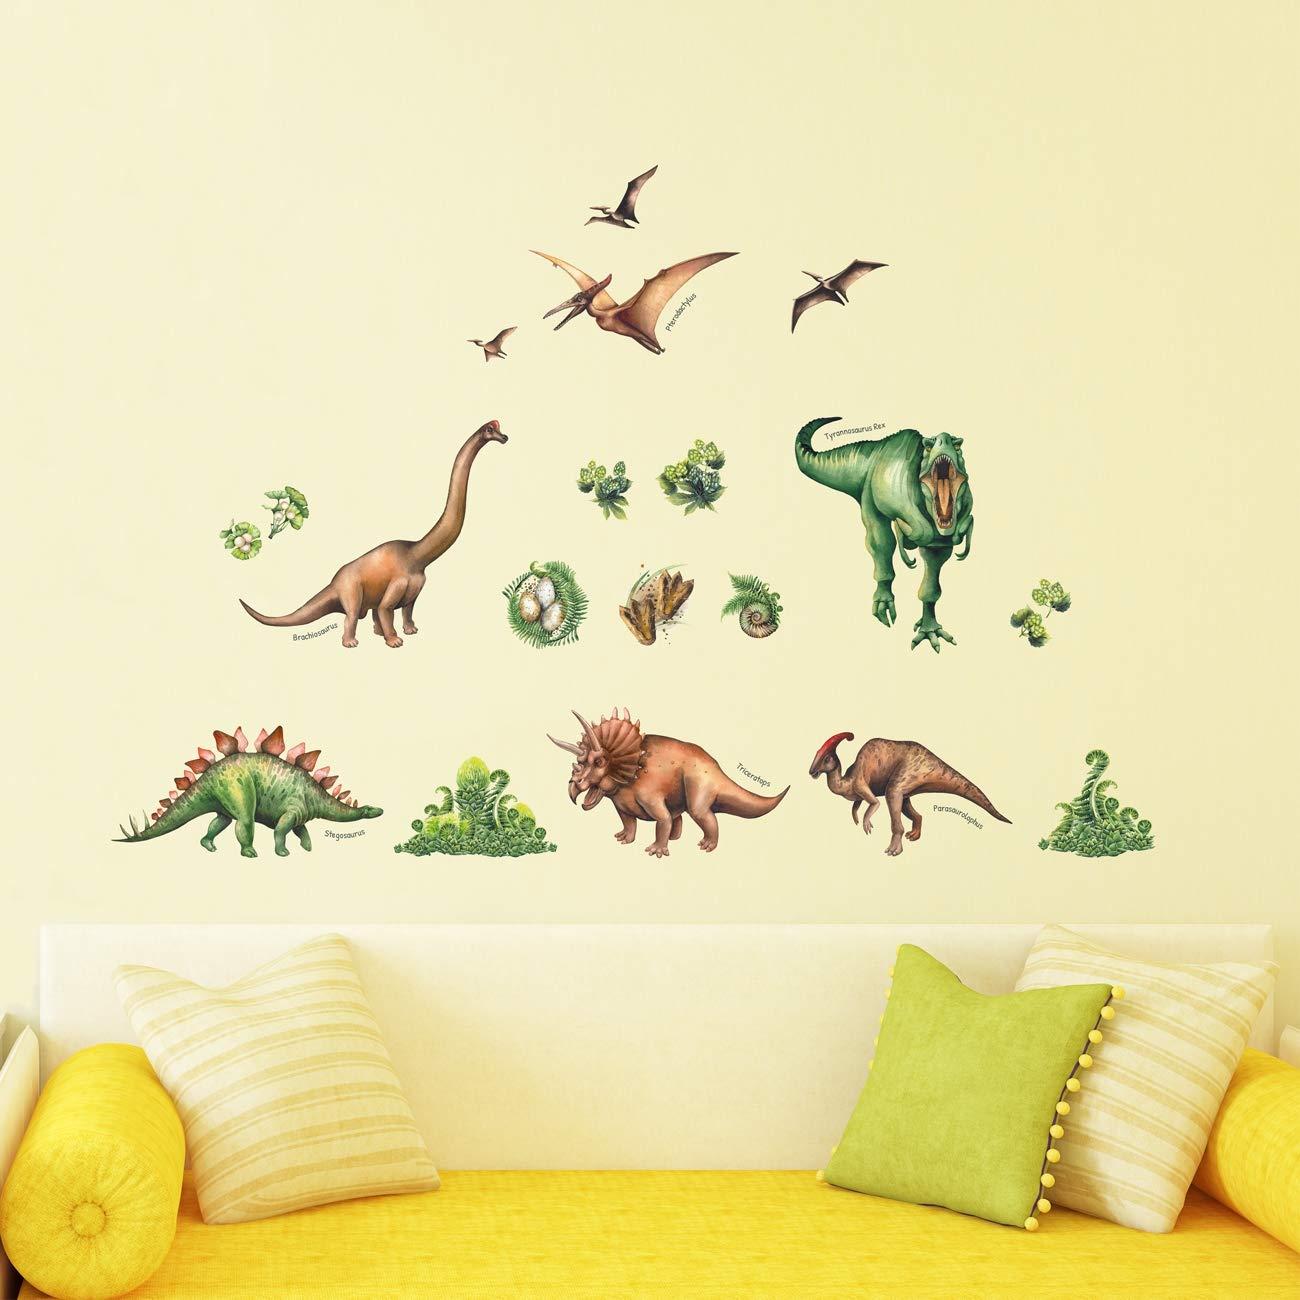 English Ver. DECOWALL DS-8034 Dinosaurio en Acuarela Vinilo Pegatinas Decorativas Adhesiva Pared Dormitorio Sal/ón Guarder/ía Habitaci/ón Infantiles Ni/ños Beb/és Peque/ña